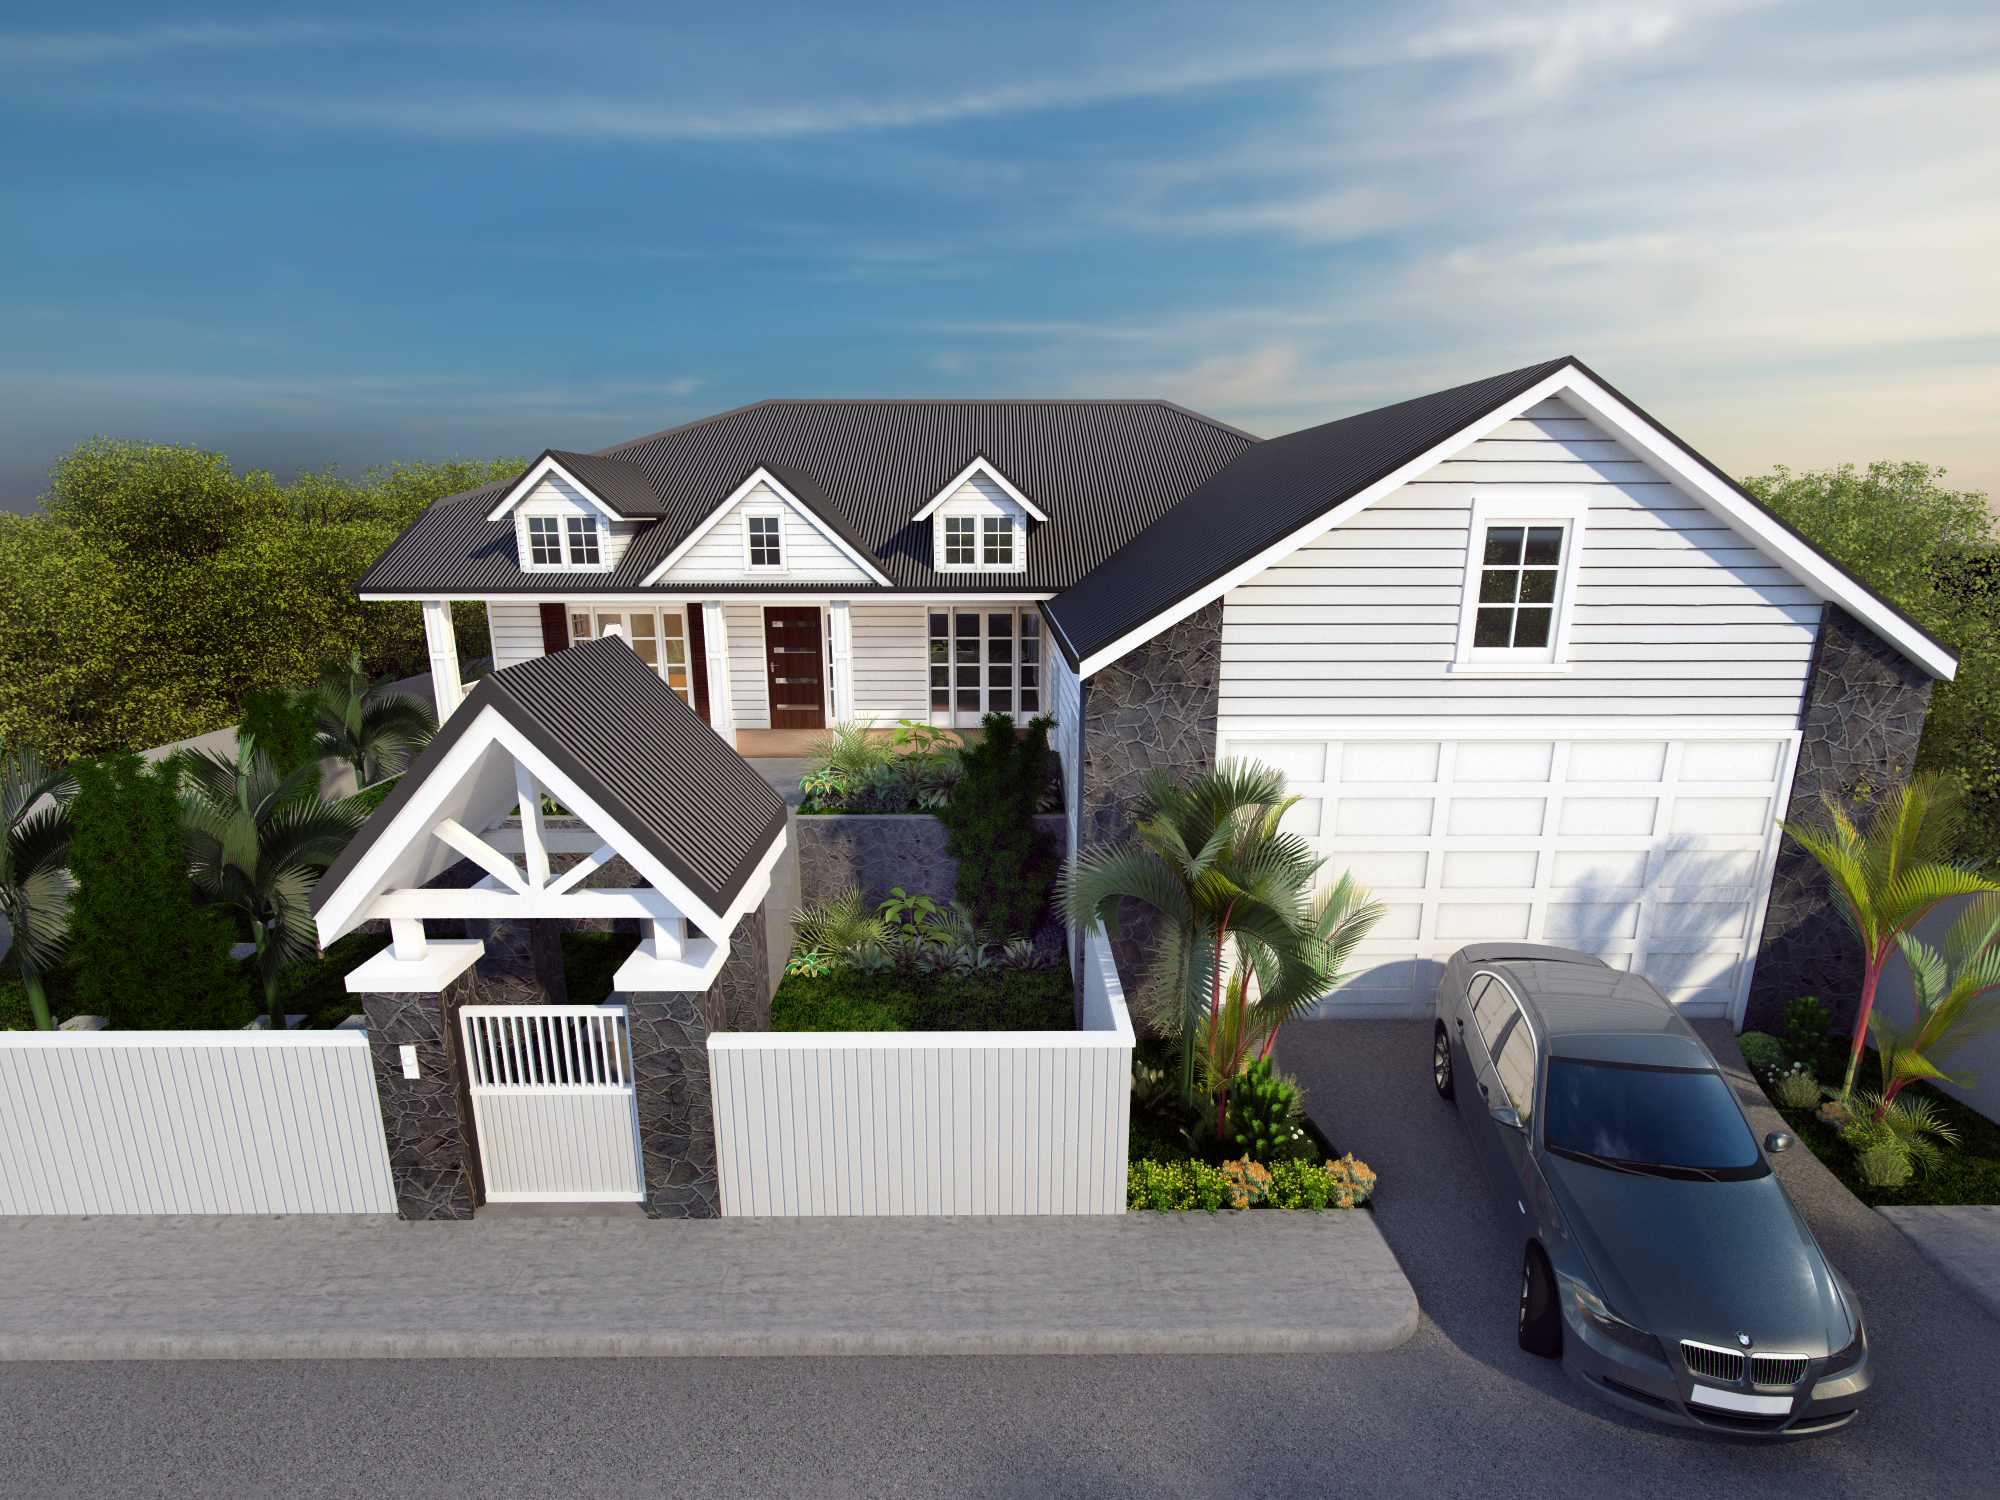 BULIMBA NEW HOUSE